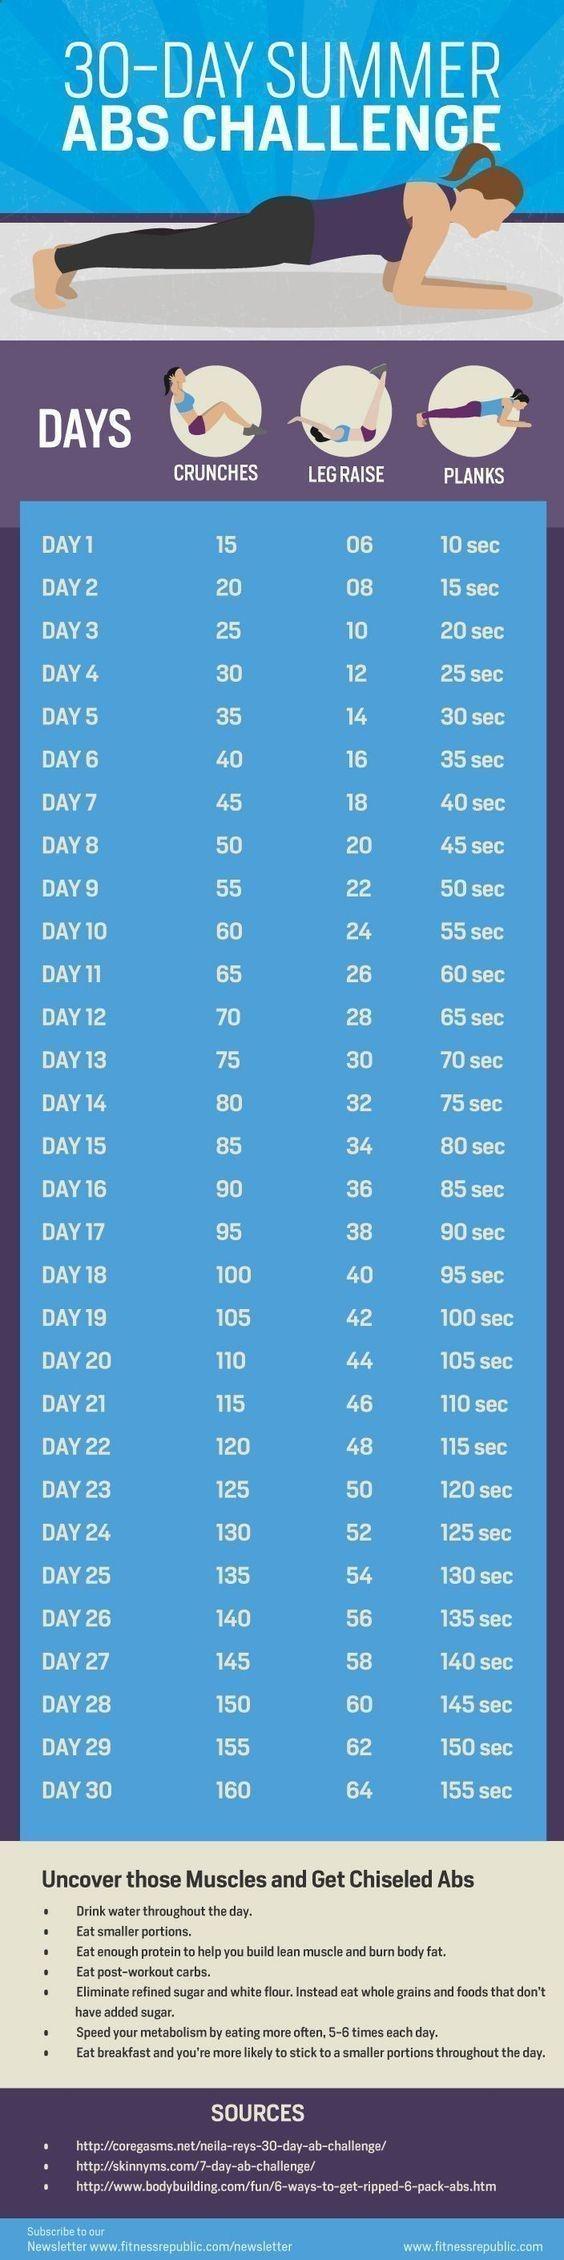 Best 25 1200 calorie plan ideas on pinterest 1200 calorie diet plan 1200 calories and - Regime 1200 calories menu ...